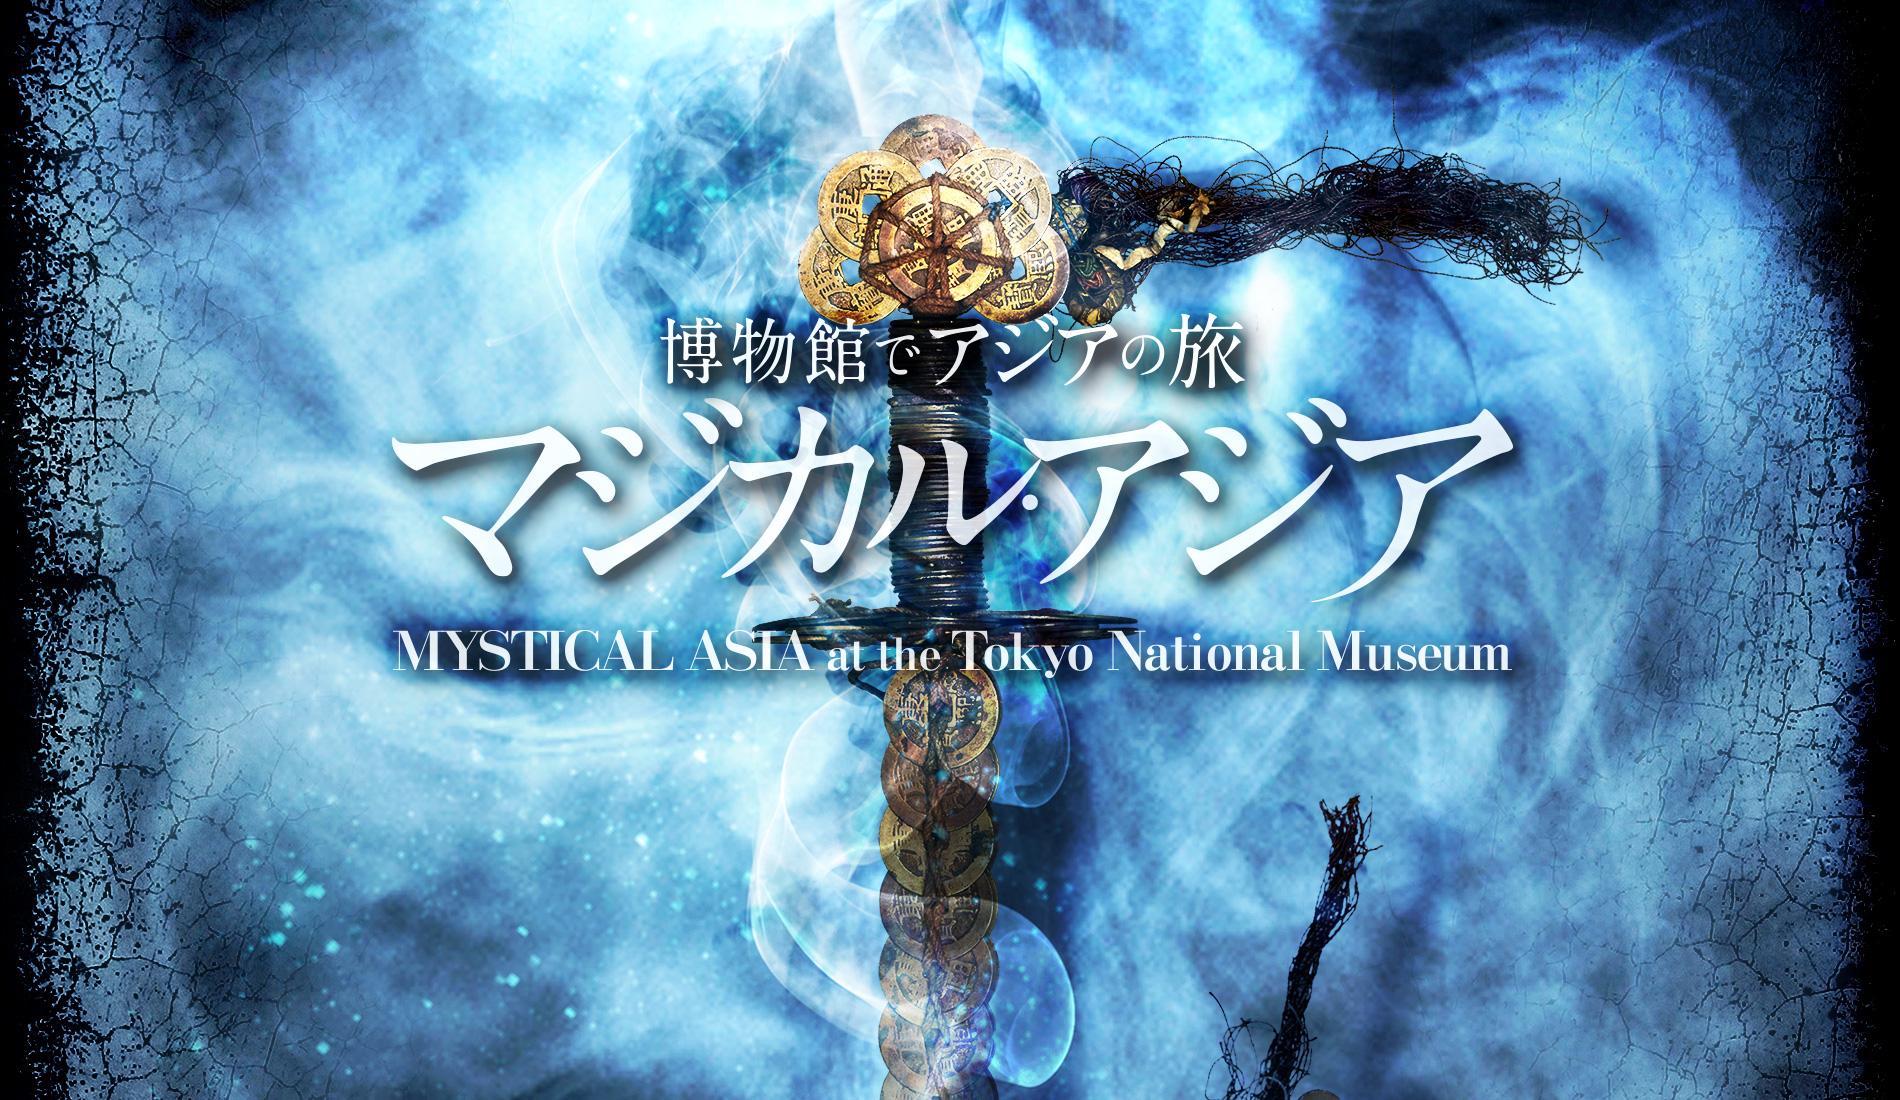 博物館でアジアの旅「マジカル・アジア」